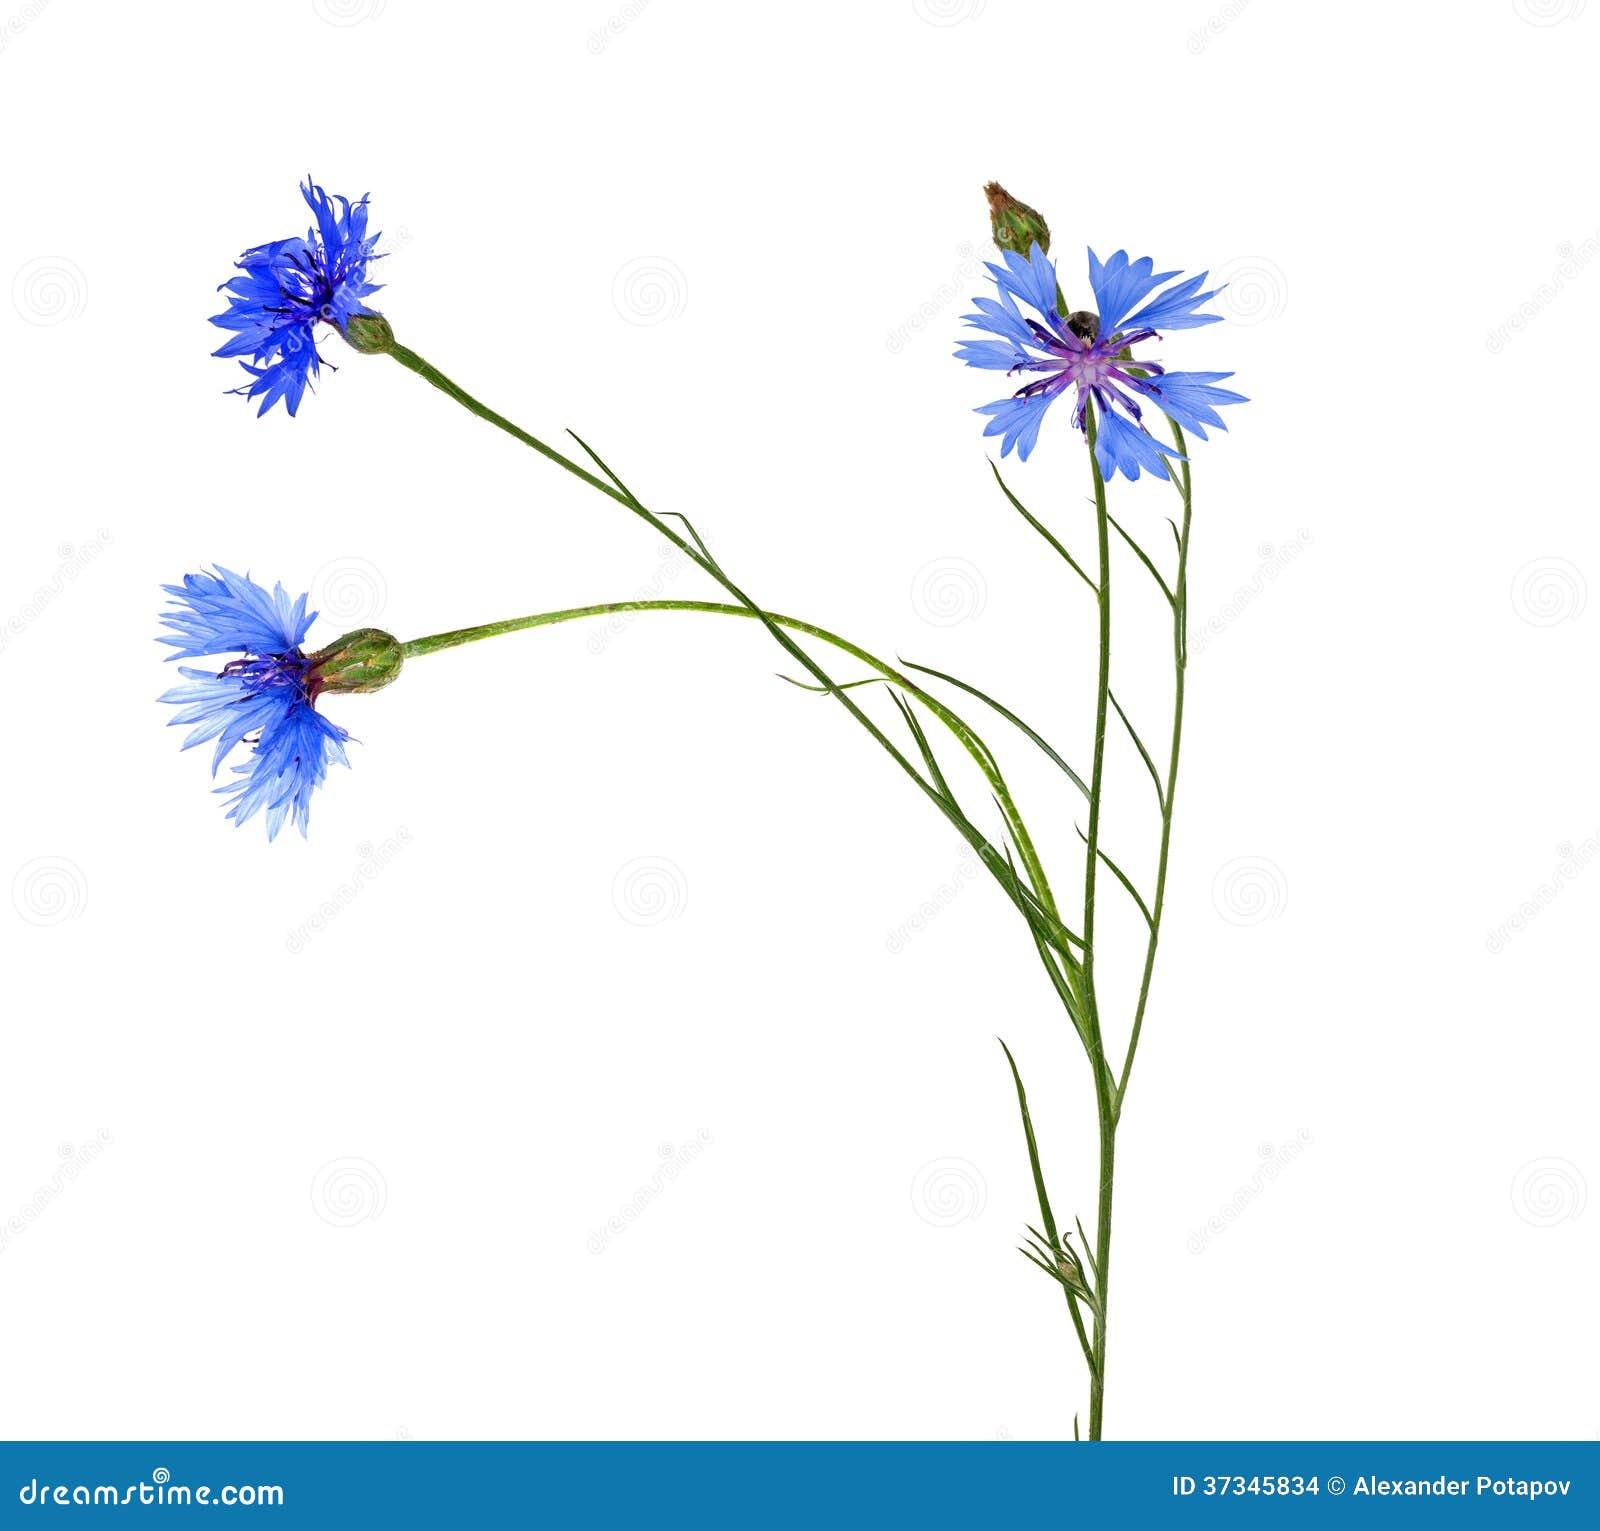 Cikoria med tre blåa blommor